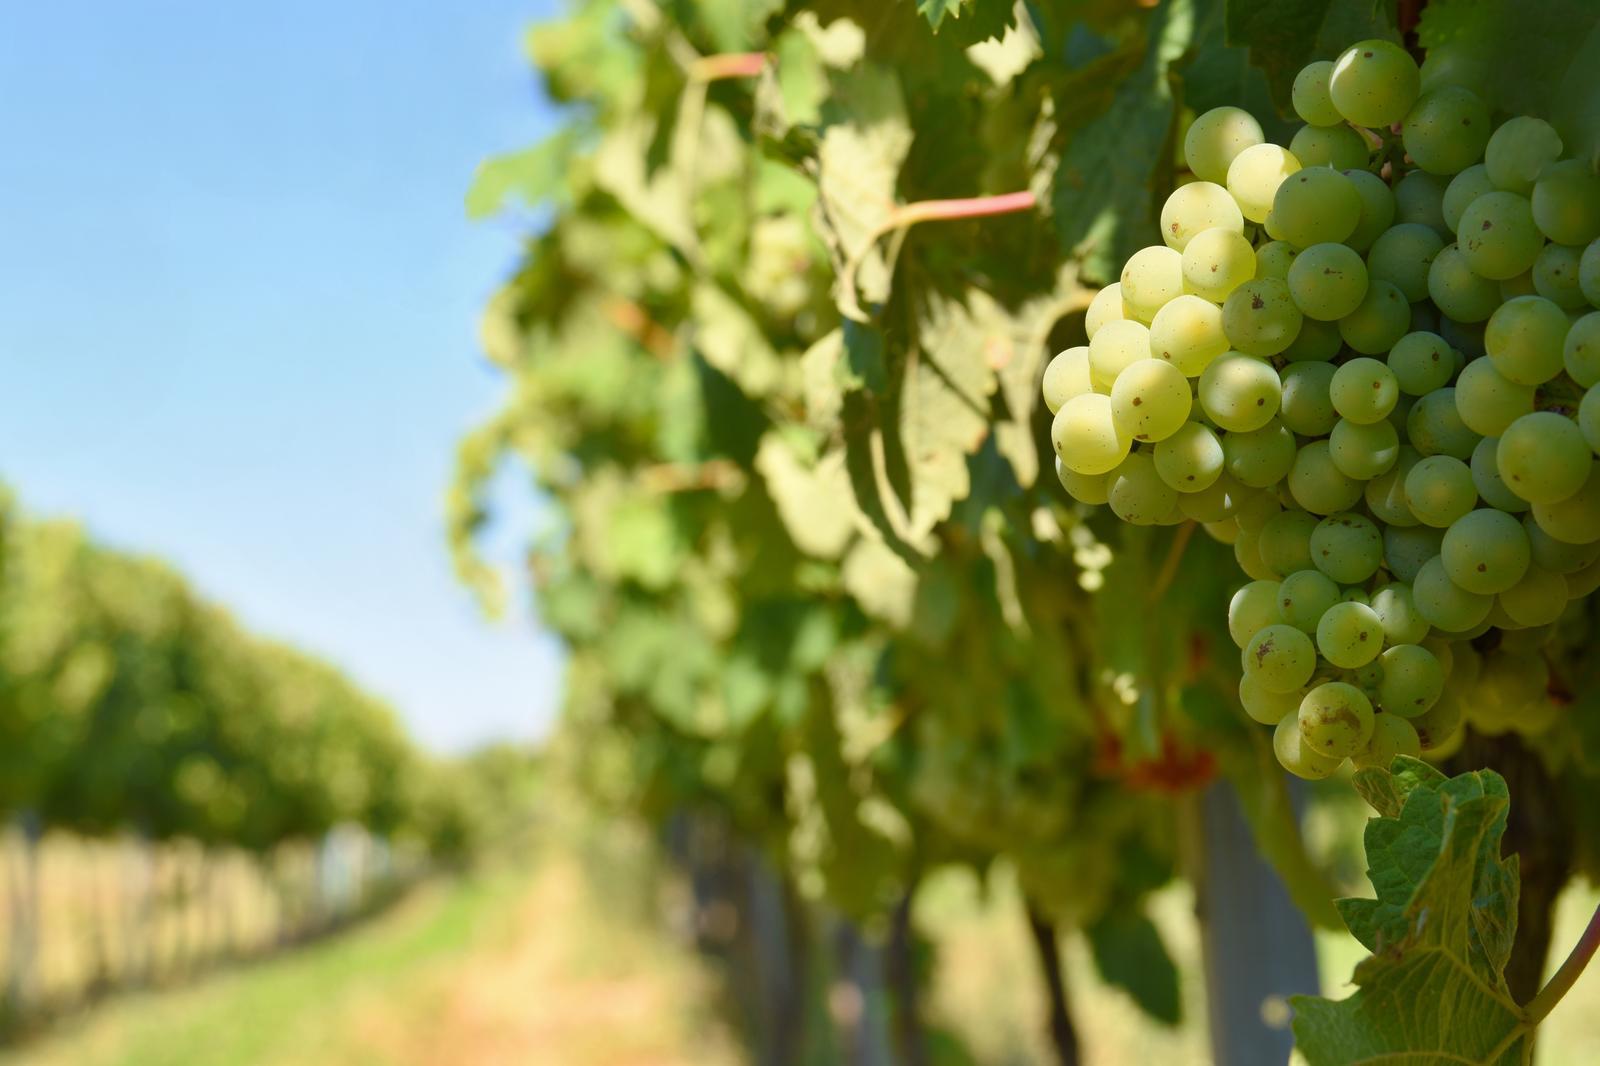 Viinamarjakasvatus Võrumaal